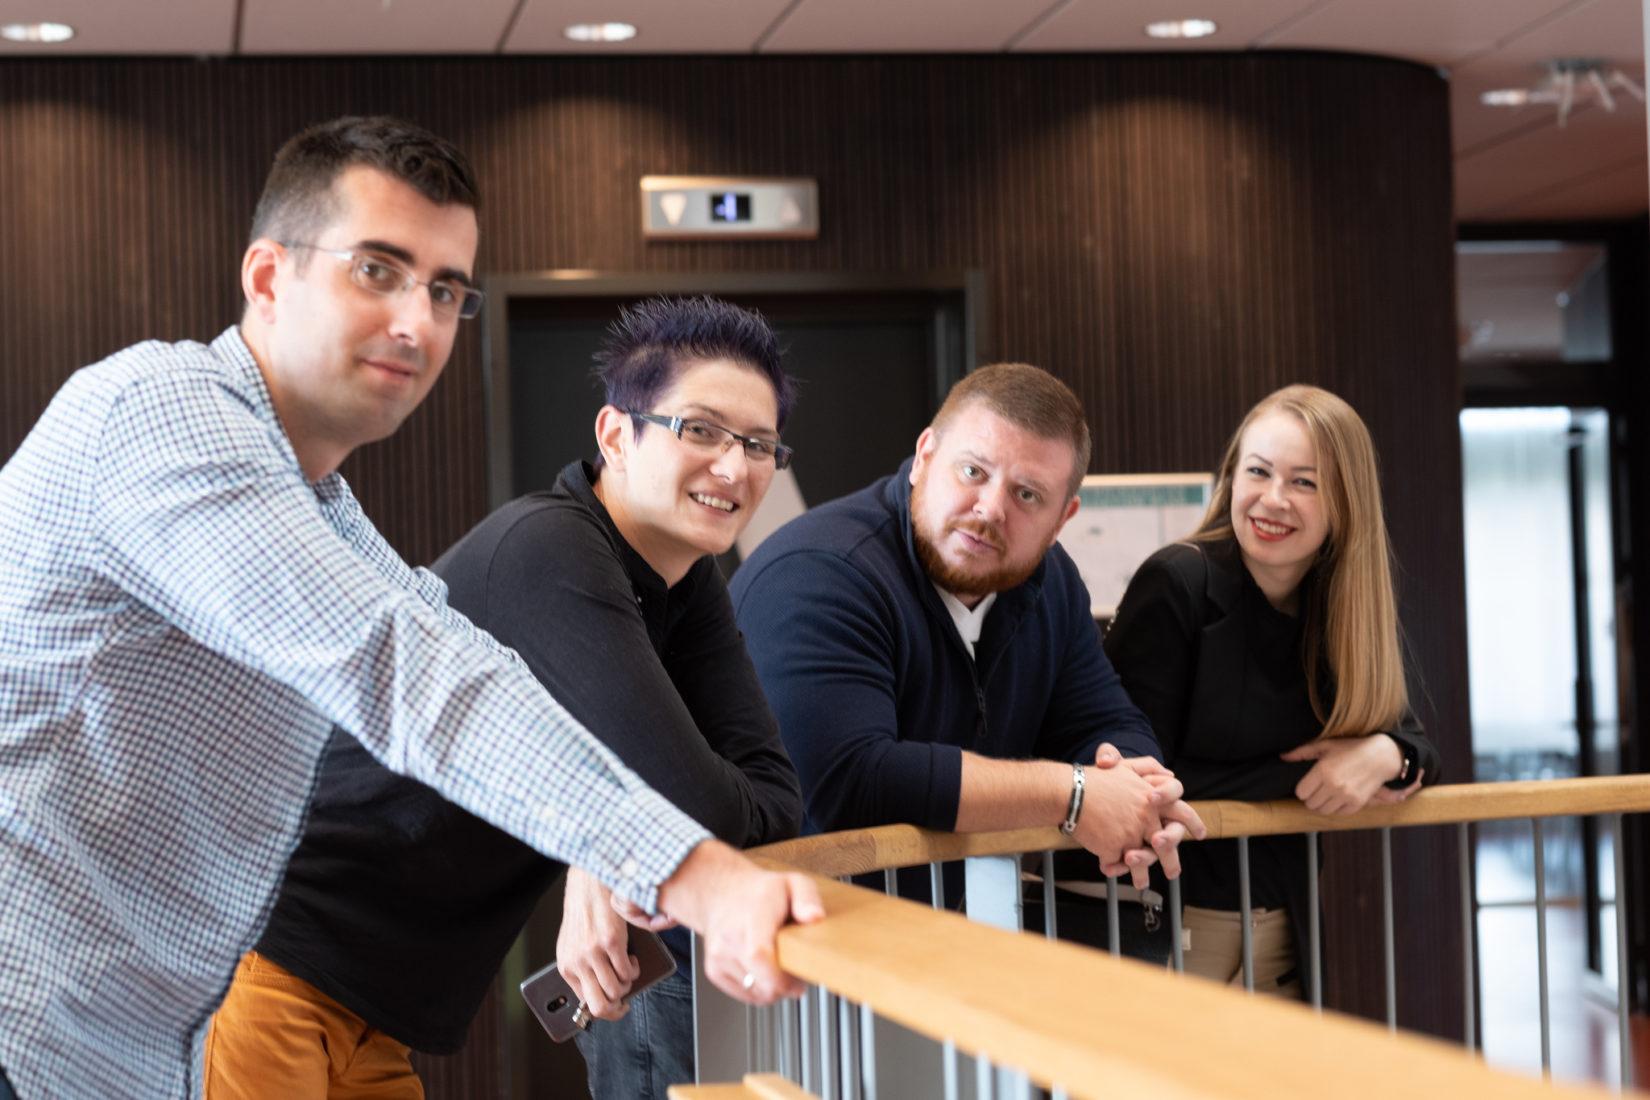 Fyra glada deltagare i ledarskapsprogram står vid ett trappräcke och tittar in i kameran